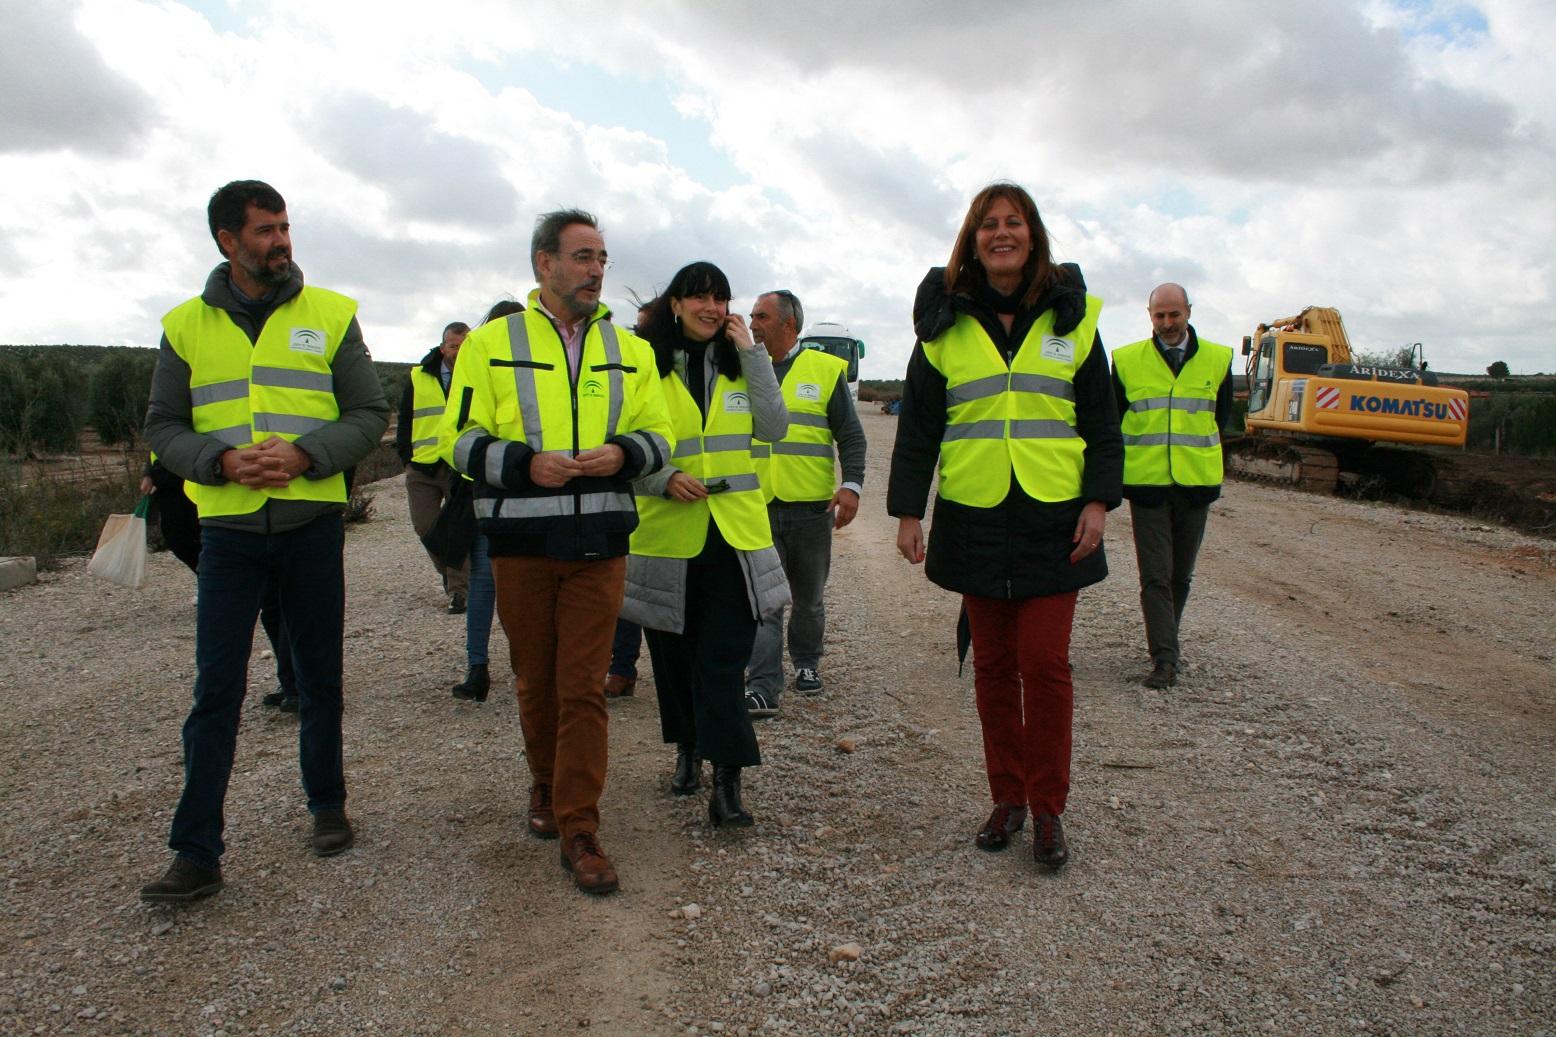 El consejero de Fomento y Vivienda, Felipe López, acompañado por las autoridades durante la visita a la plataforma.